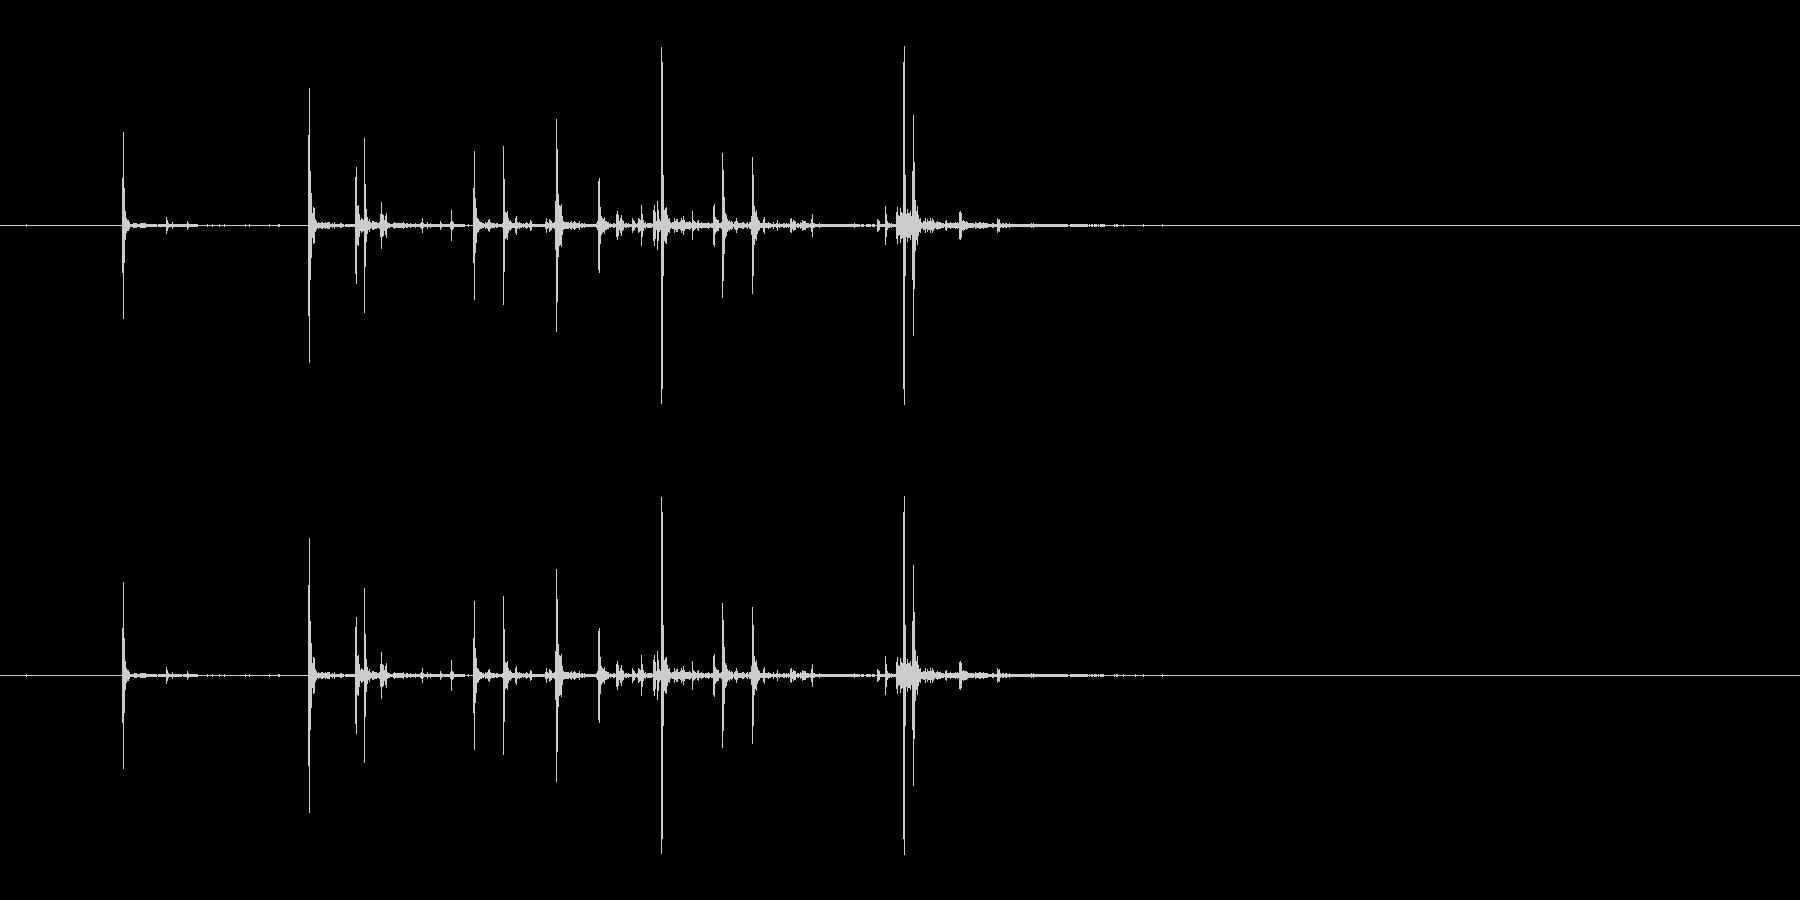 ピキピキピキッ(ヒビ/卵/孵化)の未再生の波形